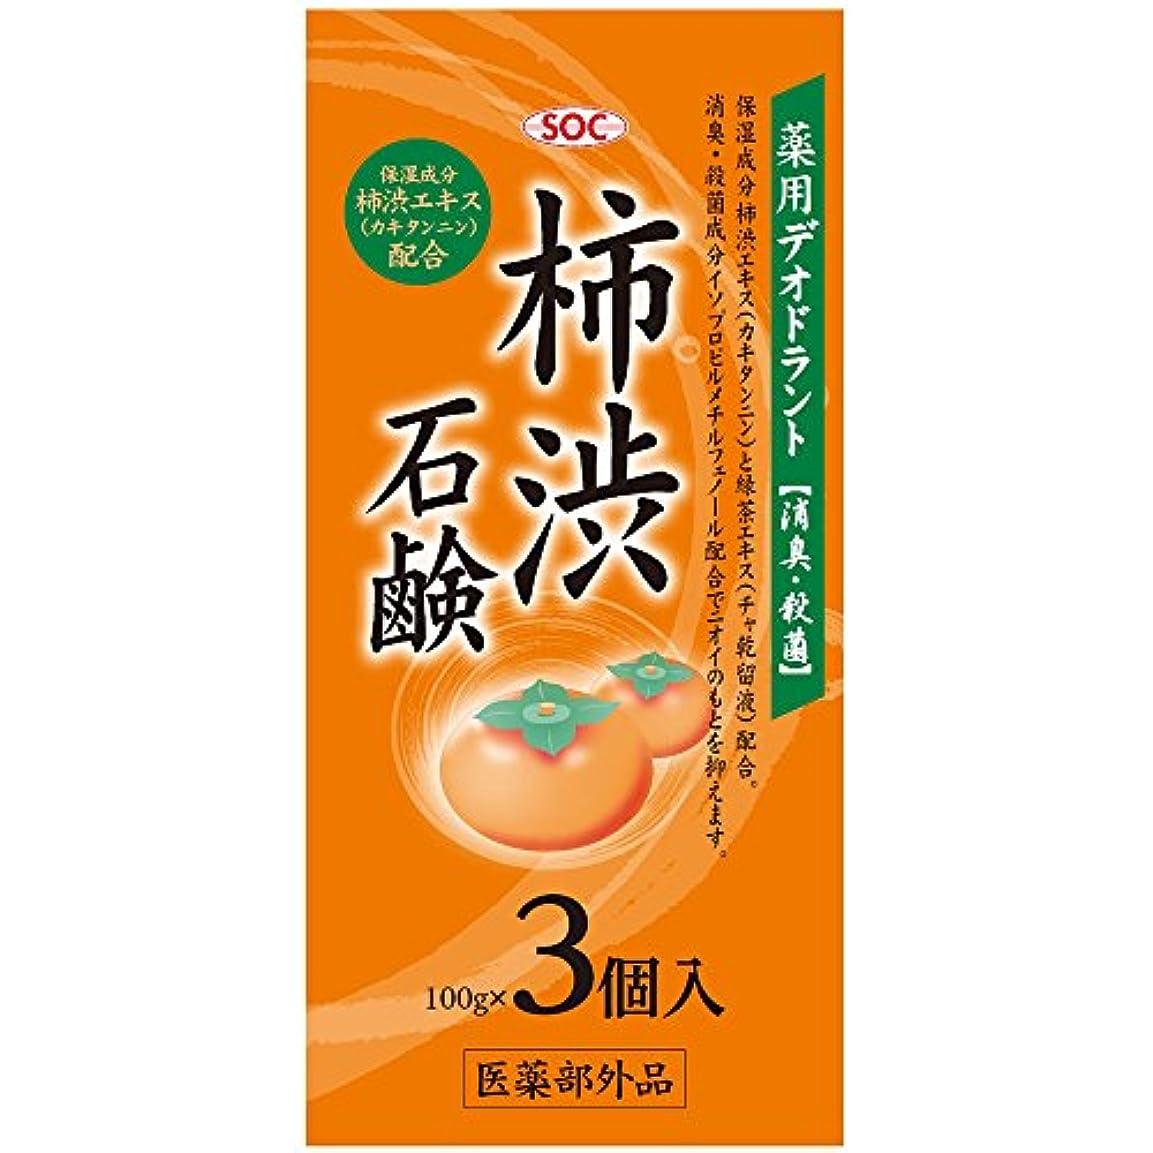 体現するラジカルマニフェストSOC 薬用柿渋石鹸 3P (100g×3)